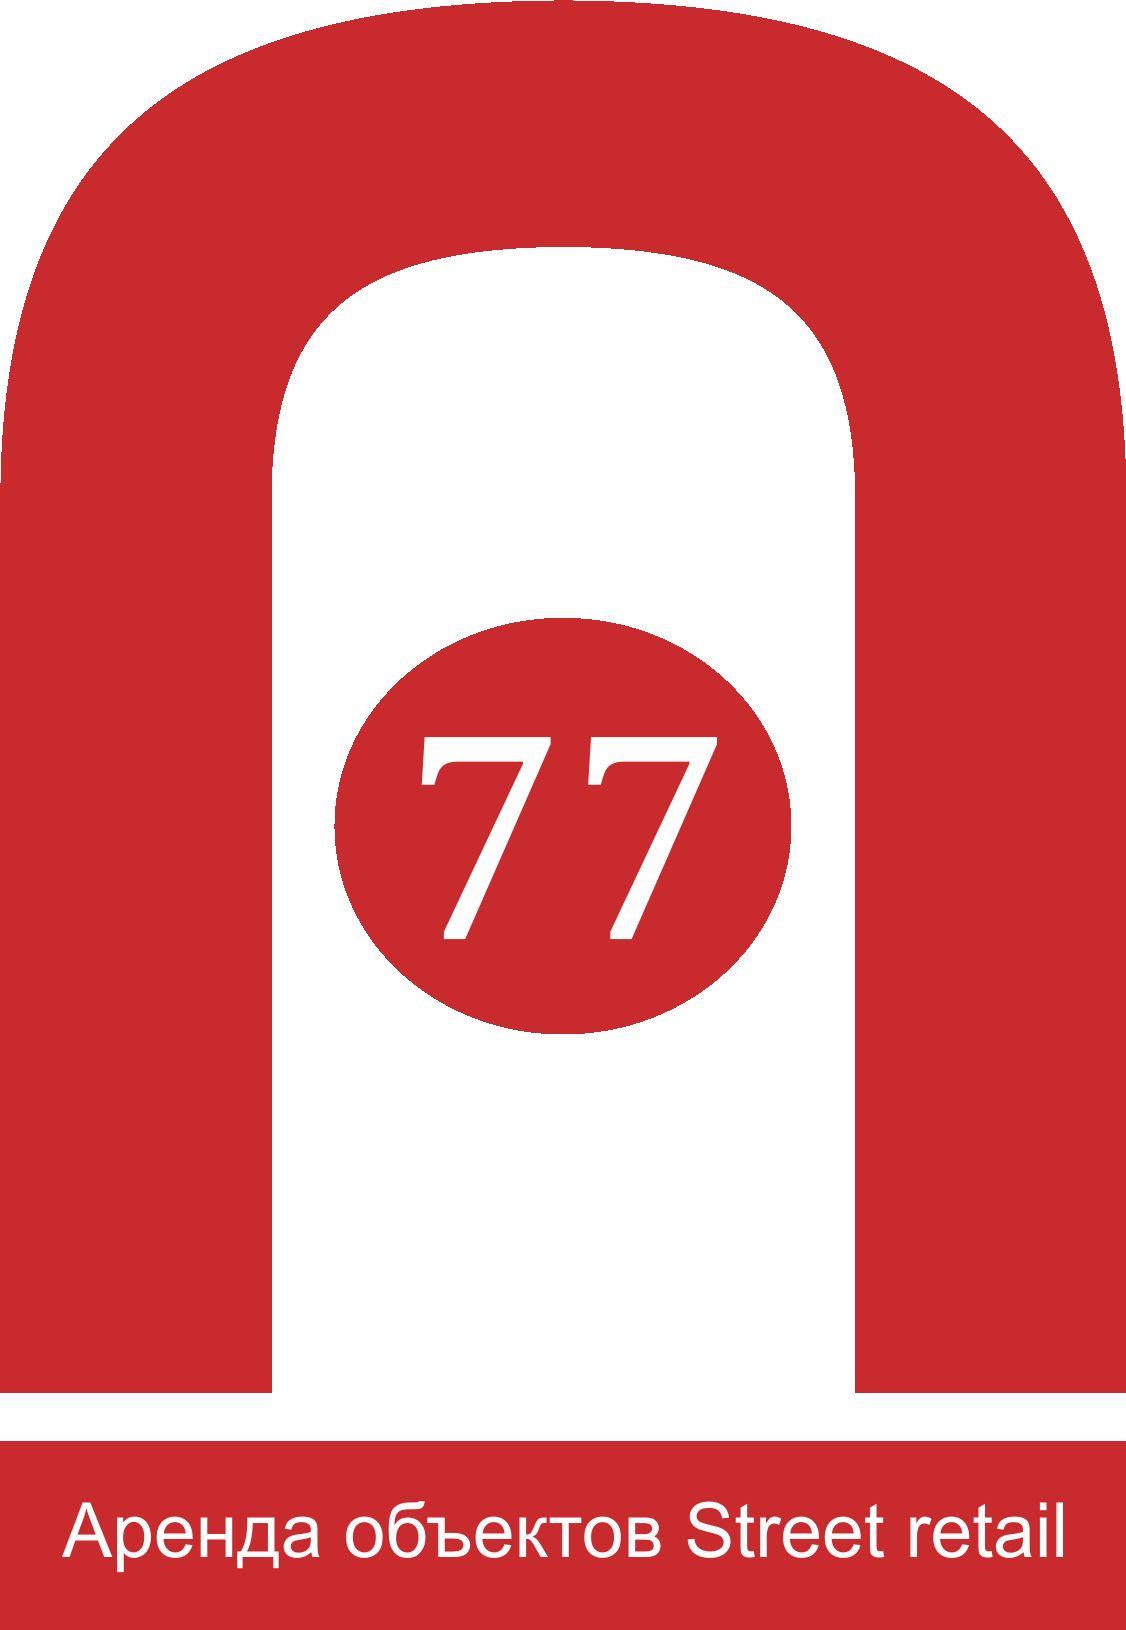 Лого для сайта по коммерческой недвижимости A77.RU - дизайнер smokey